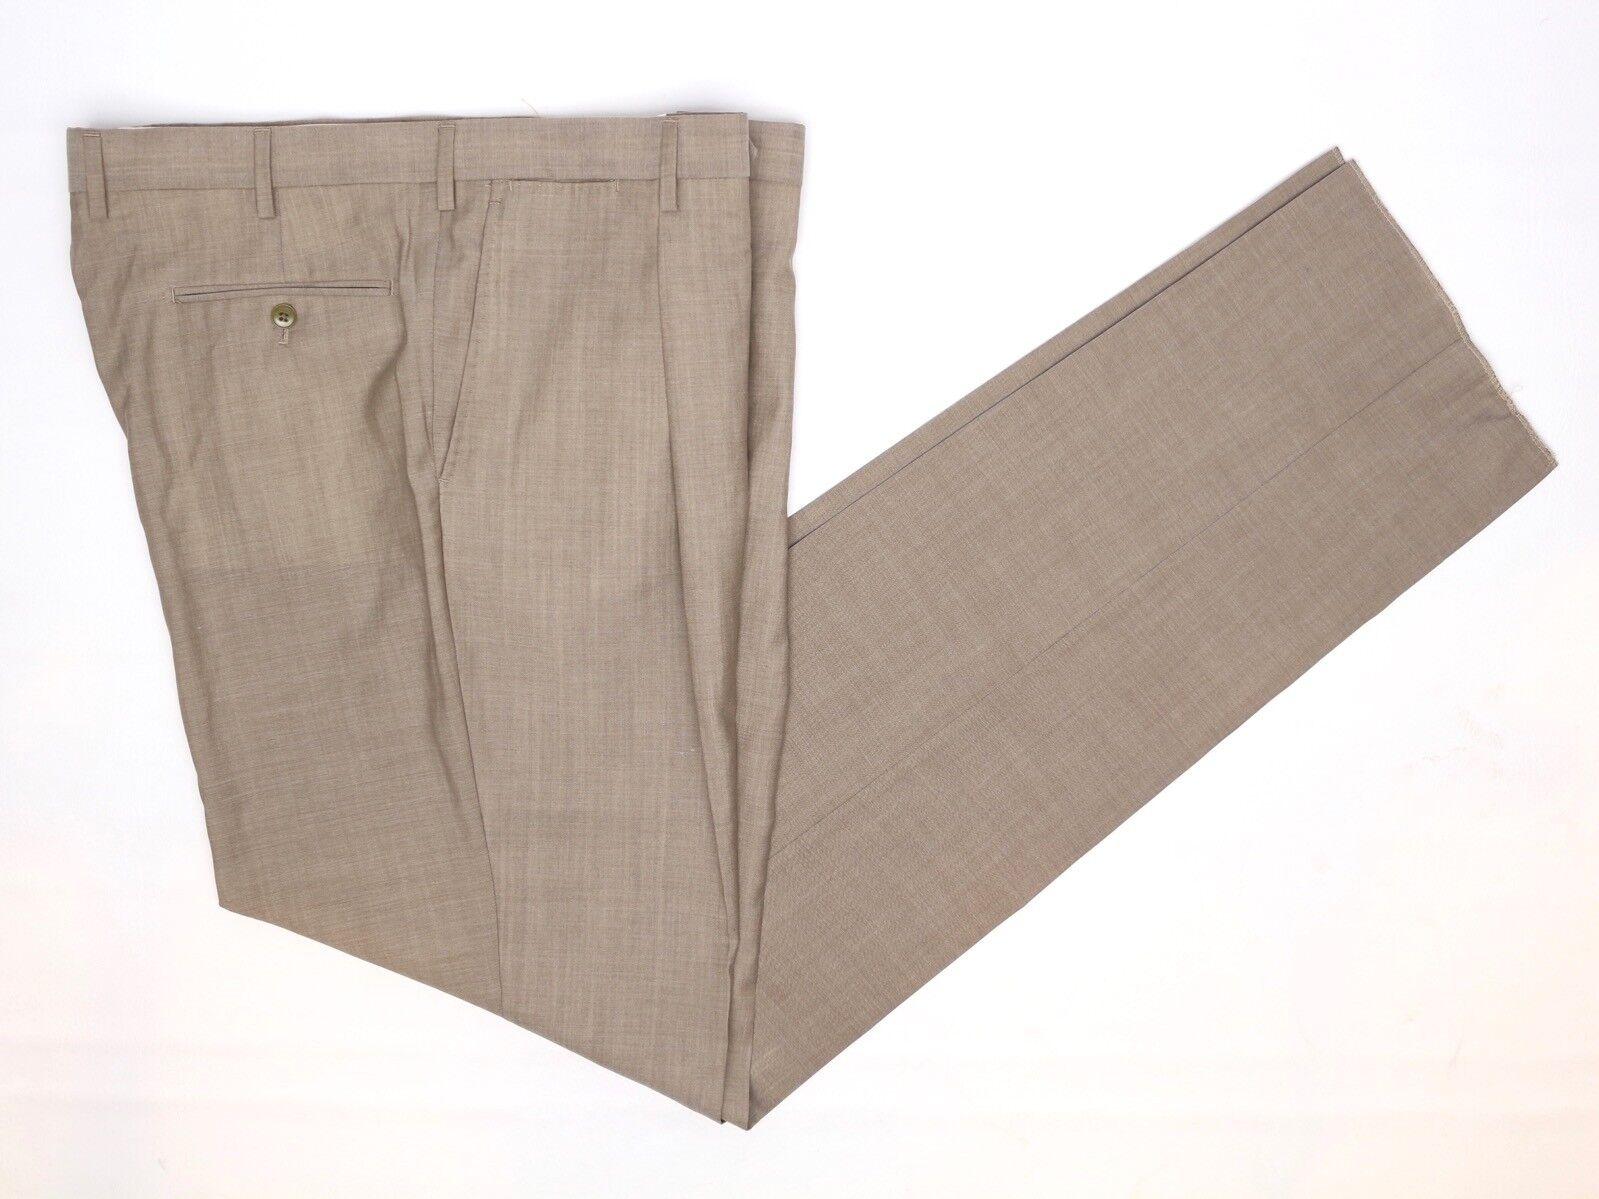 Neu mit Etiketten Herren Anzughose 40 Massiv Beige Wolle Plissiert Hosen